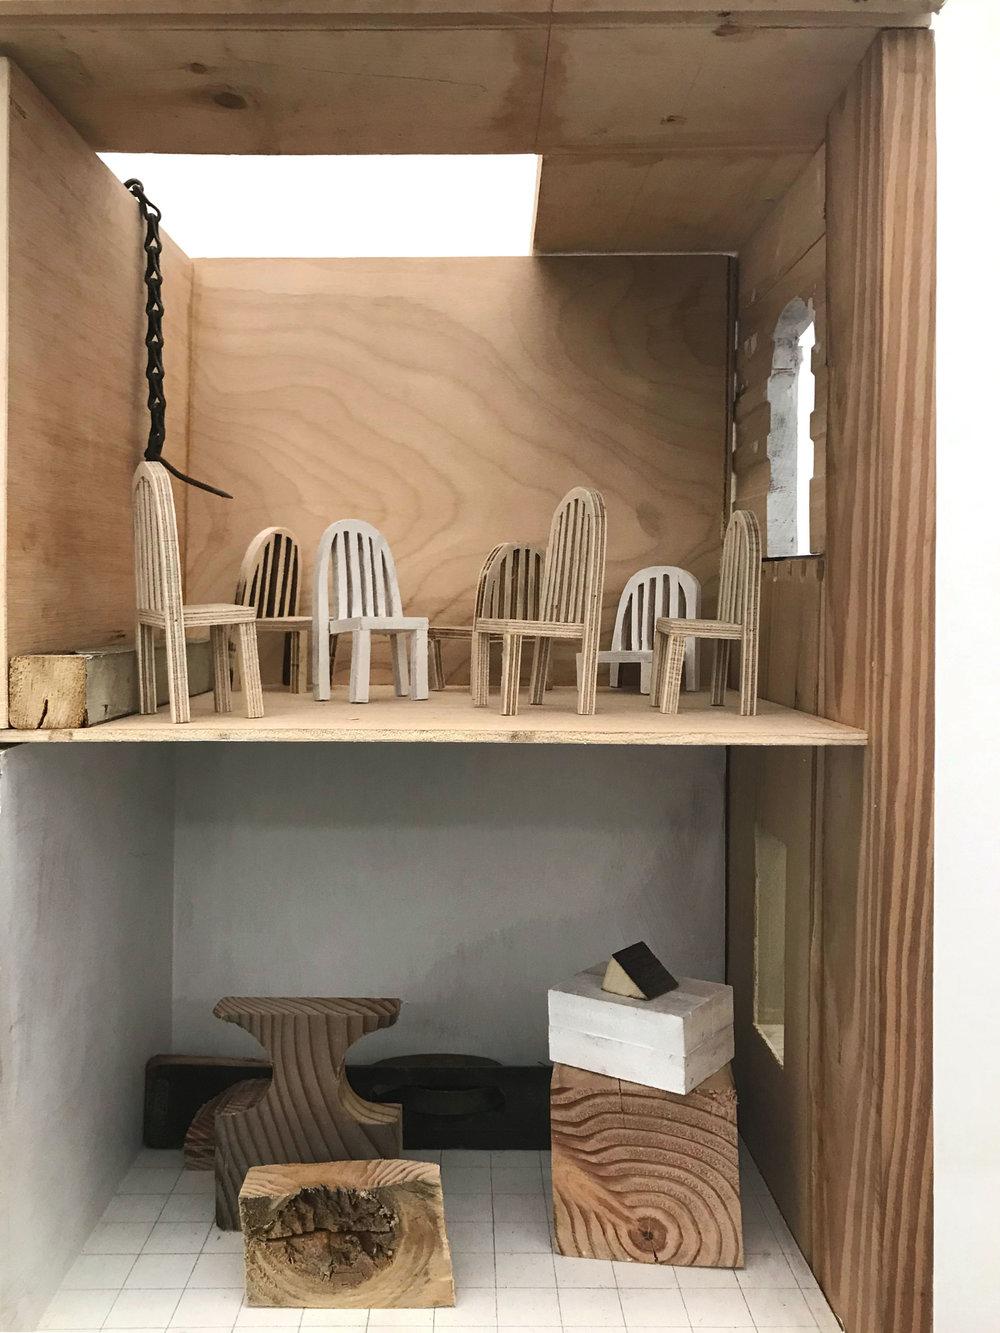 windgate chair room  copy.jpg